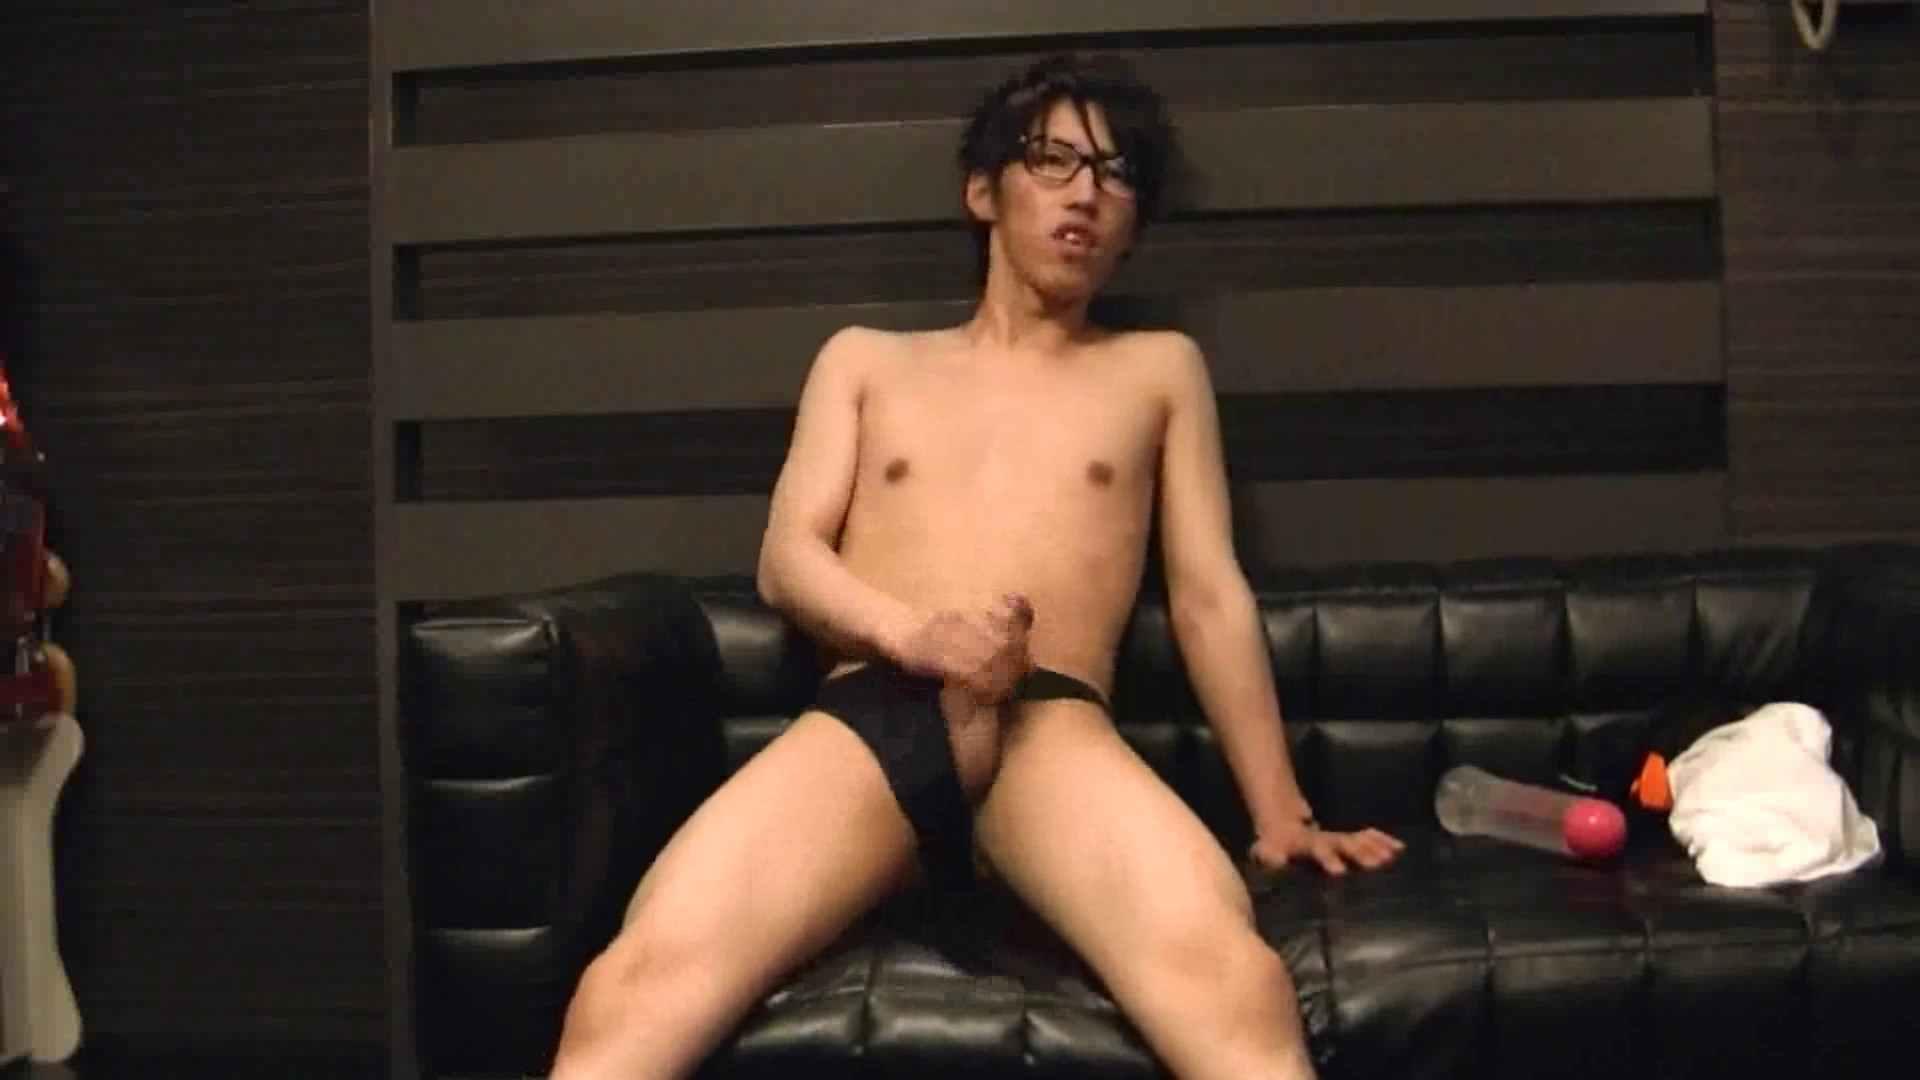 ONA見せカーニバル!! Vol3 男の世界  98画像 80